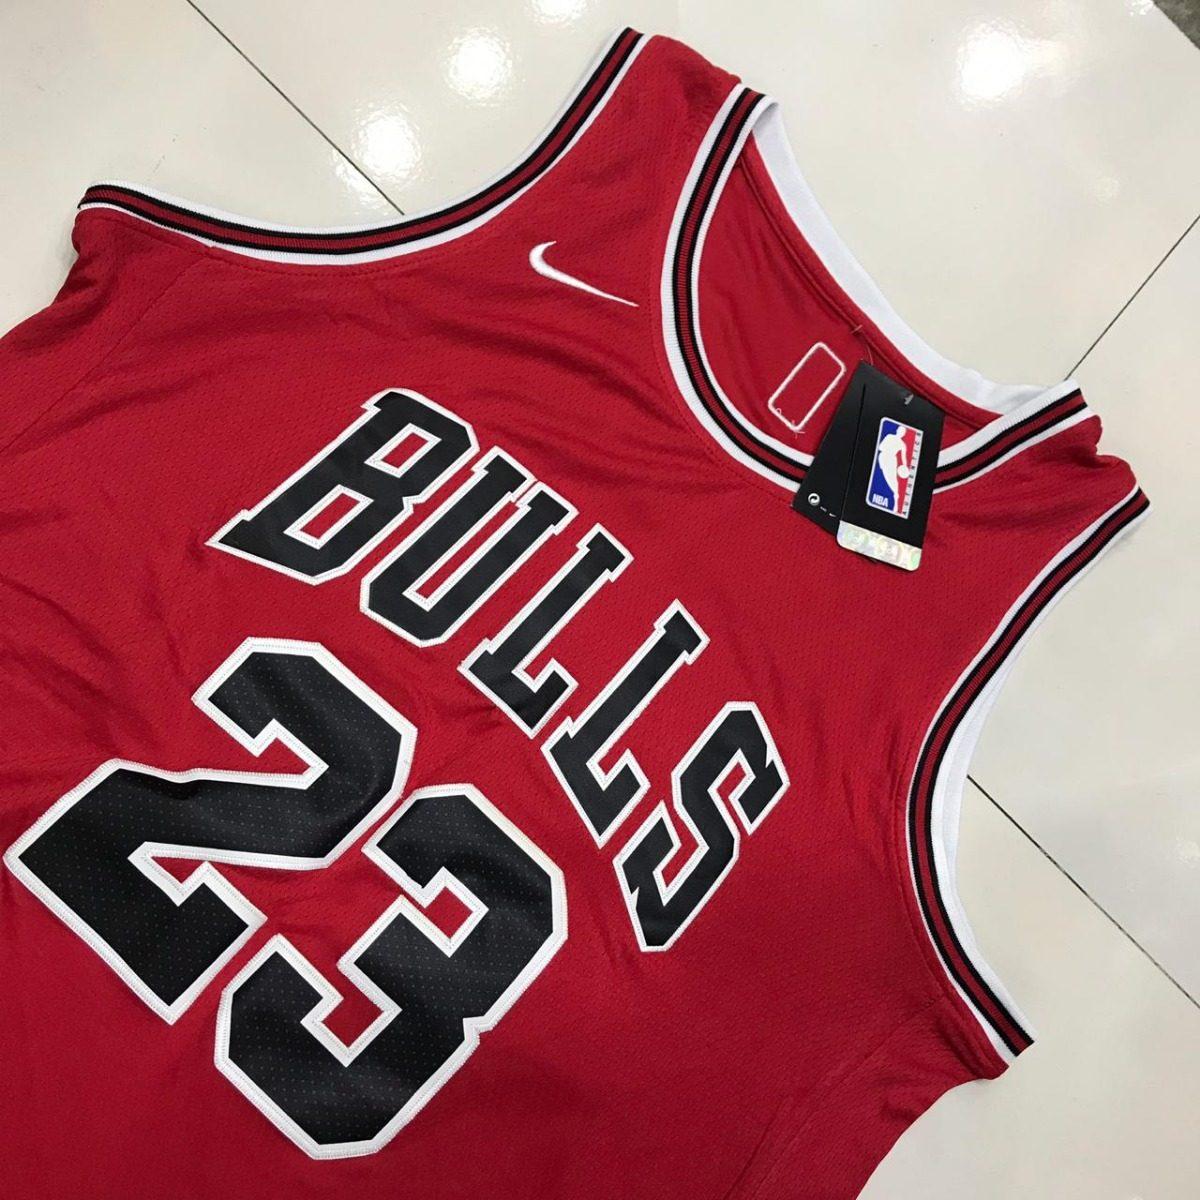 camisa de basquete chicago bulls jordan - mega promoção. Carregando zoom. f5561b5845699